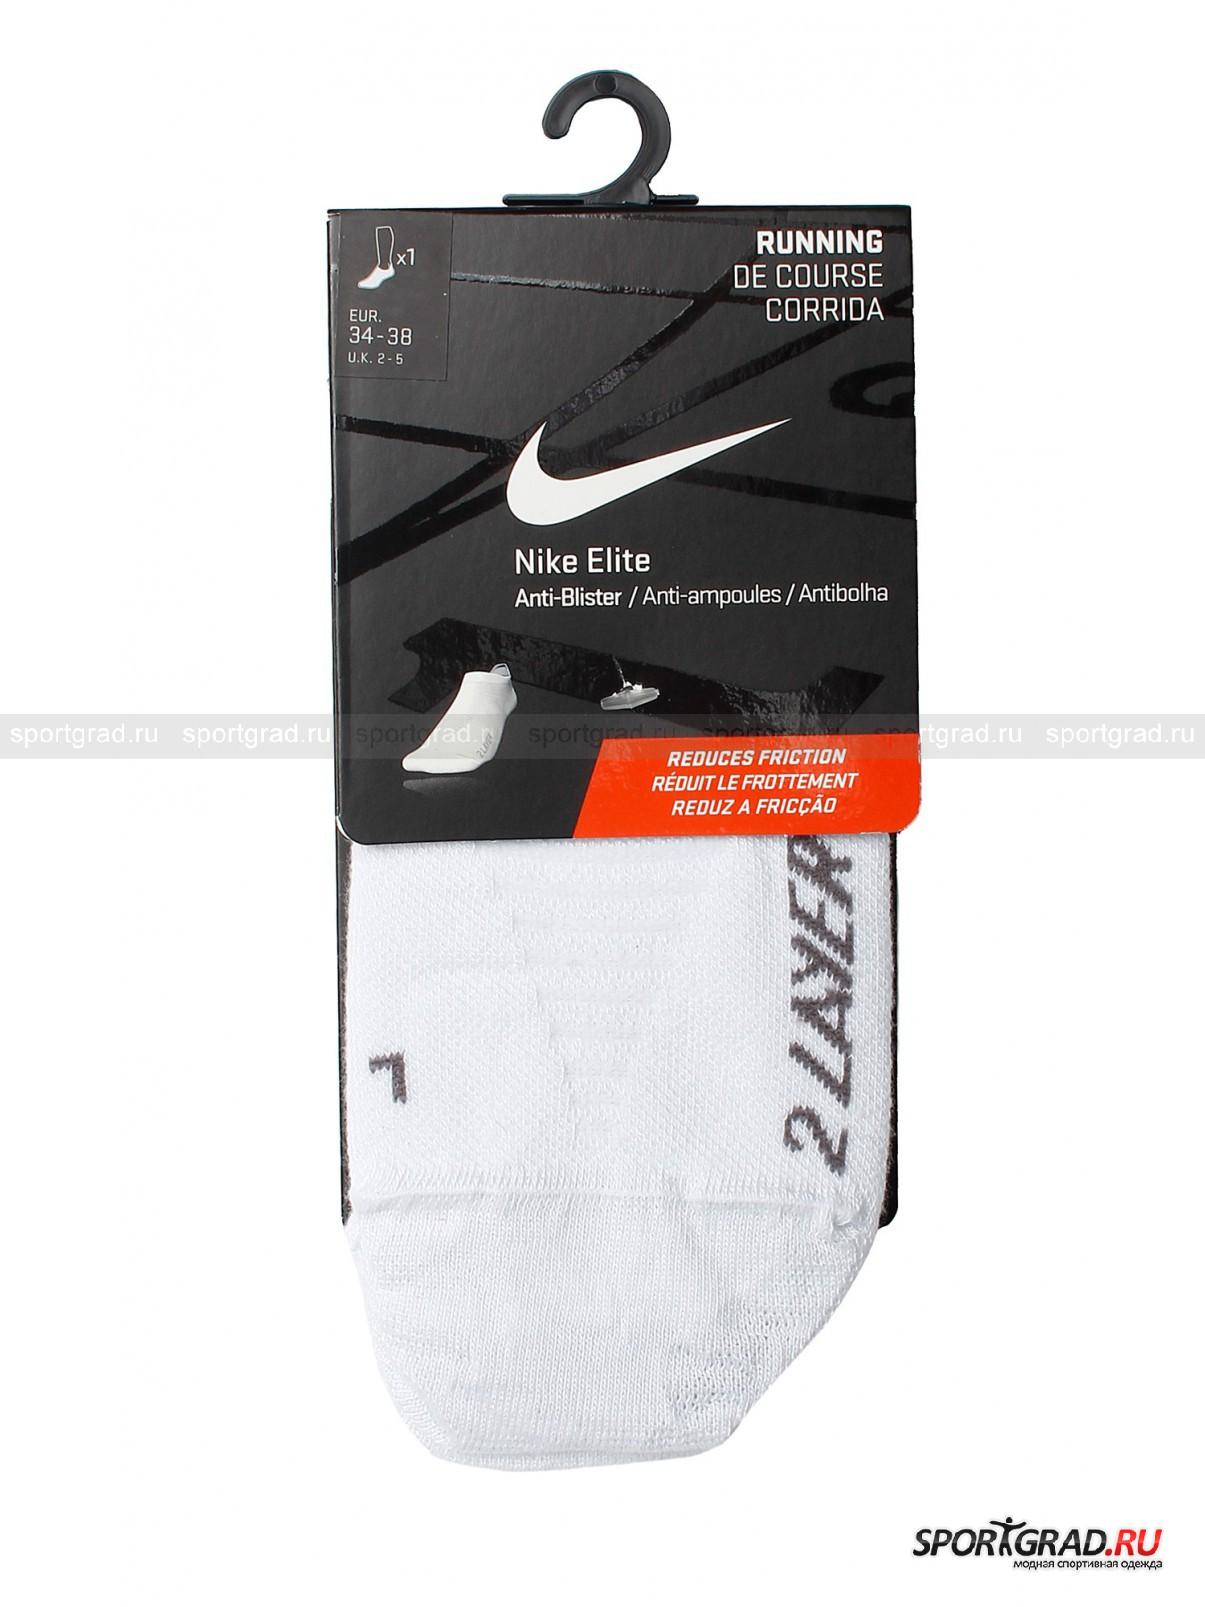 Носки беговые ELITE ANTI-BLISTER NIKEНоски<br>Беговые носки Nike из серии ELITE. К их преимуществам относится способность снижать нагрузку при перемещениях, эффективно отводить пот от кожи, оставляя ноги сухими дольше и исключать натирания, благодаря своей особой нескользящей структуре. В местах, подверженных натиранию и большим нагрузкам носки имеют 2 слоя, для улучшения вентиляции они дополнены сетчатыми вставками в верхней части стопы, а для защиты Ахиллова сухожилия носки снабжены мягкой двухслойной фигурной вставкой. Носки имеют анатомическую форму, спроектированную отдельно для левой и правой ноги, и помечены буквами L и R соответственно.<br><br>Возраст: Взрослый<br>Тип: Носки<br>Рекомендации по уходу: Деликатная ручная стирка при 30 градусах, щадящий ручной отжим, гладить при температуре до 110 градусов, вывернув наизнанку.<br>Состав: 59% полиэстер, 38% нейлон, 3% эластан.